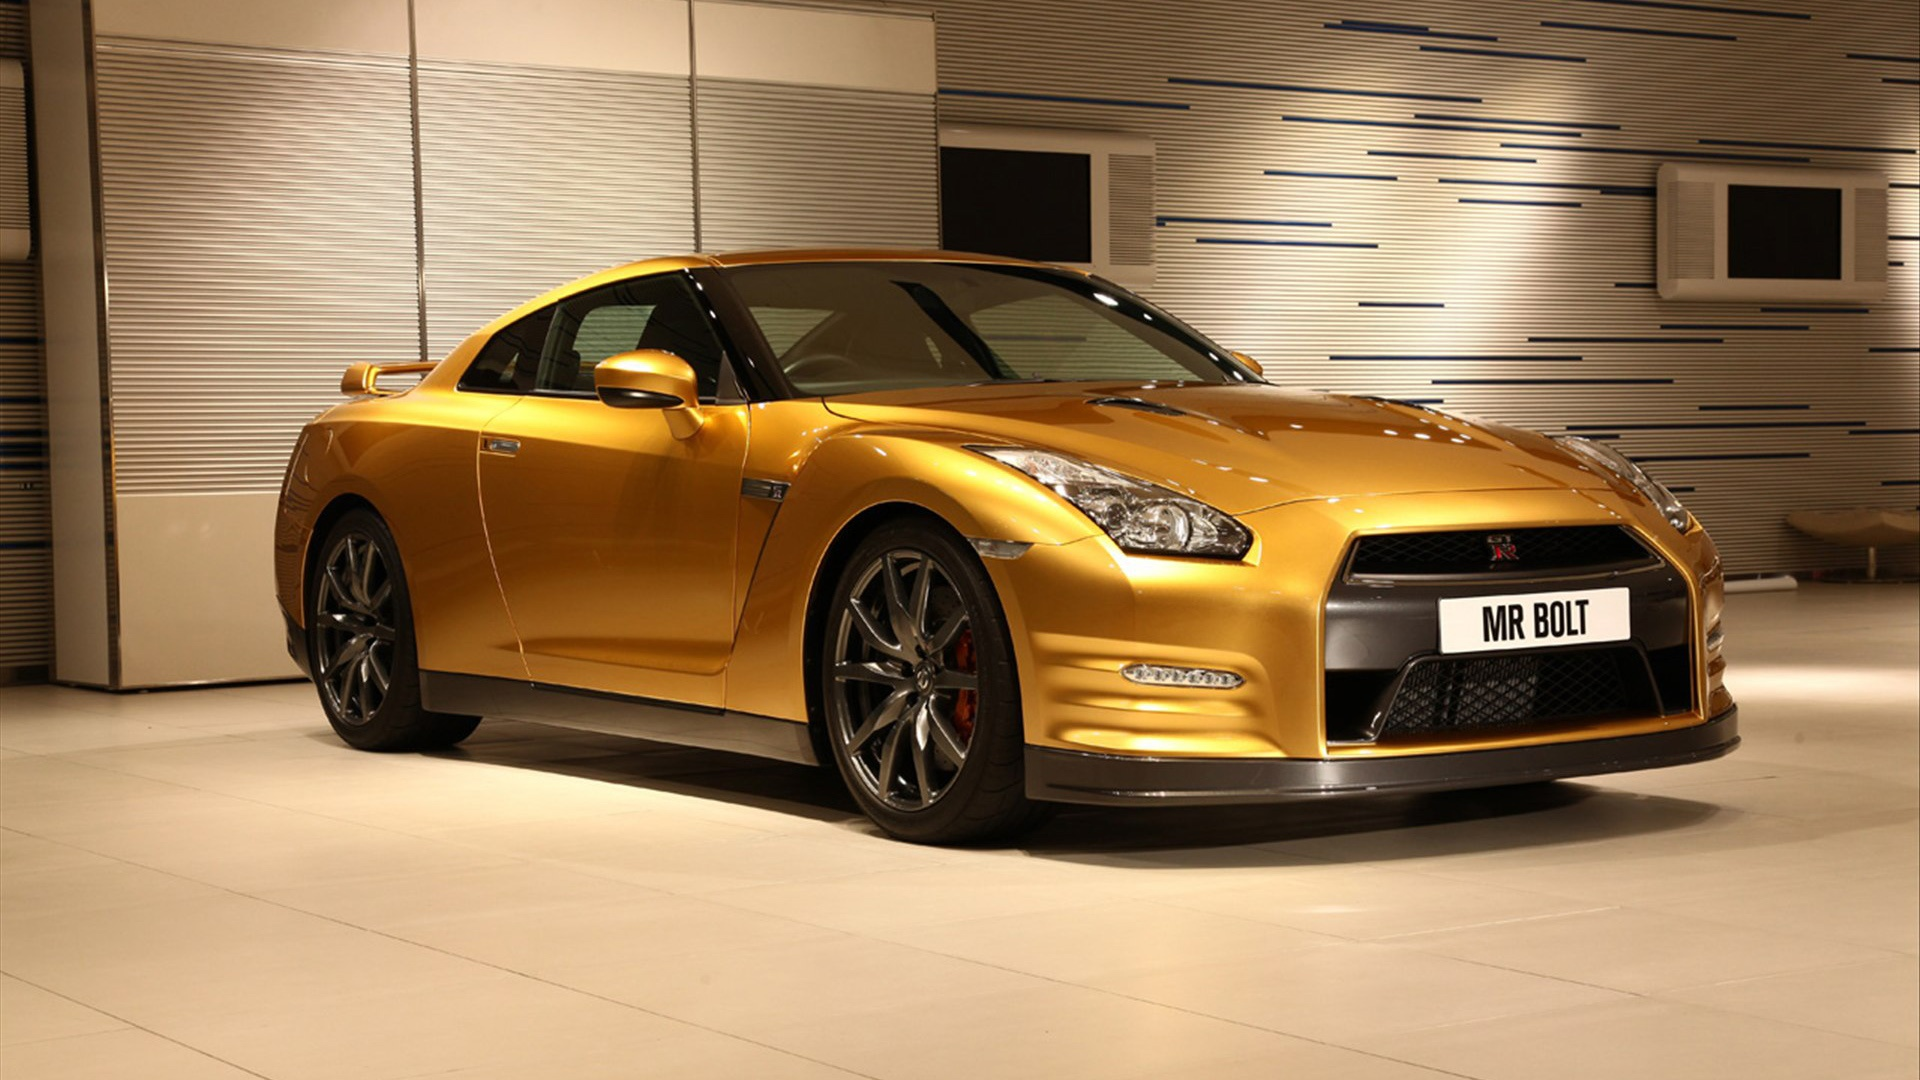 Golden Nissan GTR HD Wallpaper - 9to5 Car Wallpapers